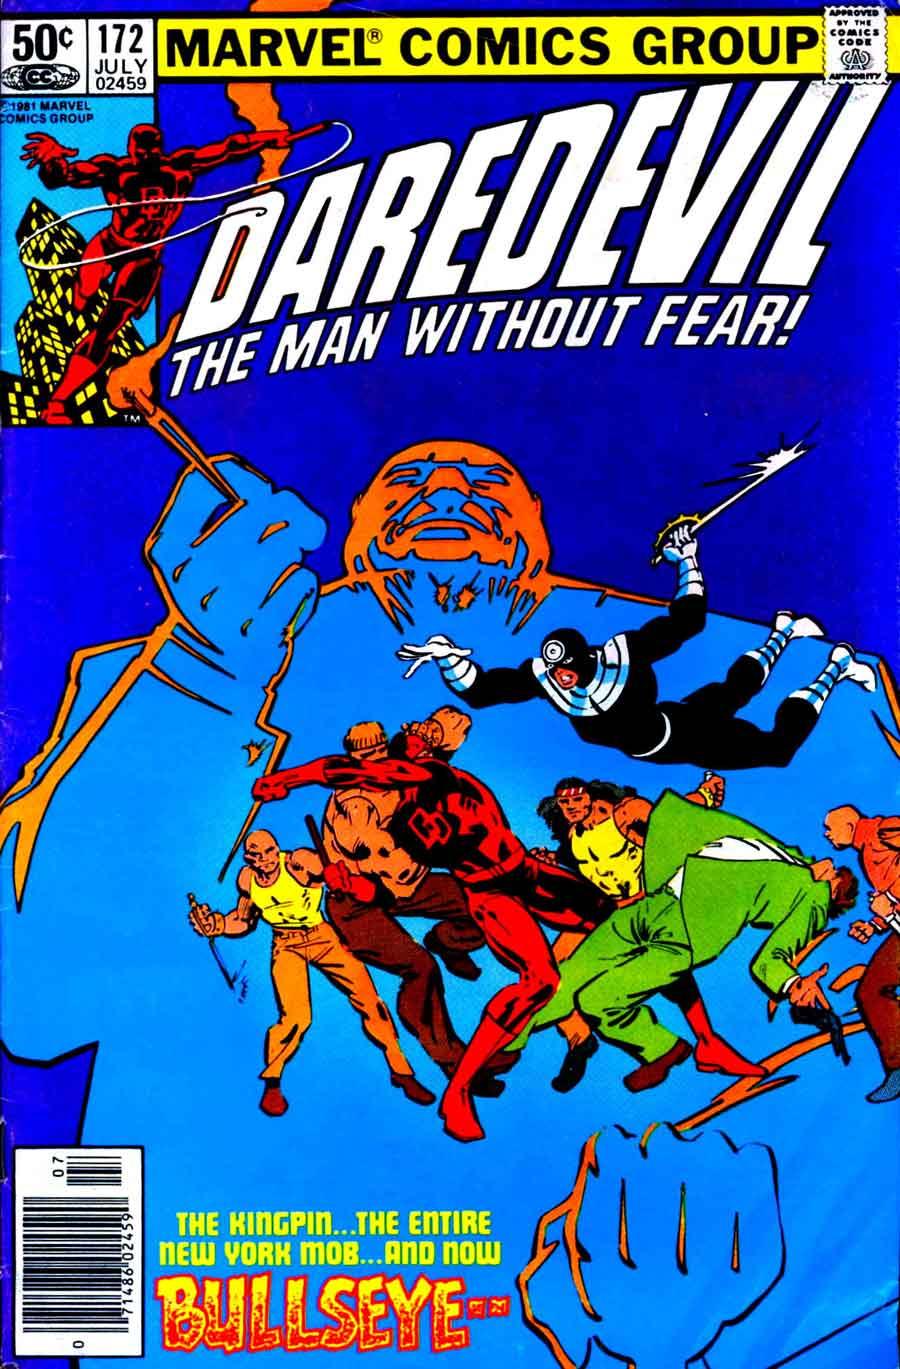 Daredevil v1 #172 kingpin marvel comic book cover art by Frank Miller